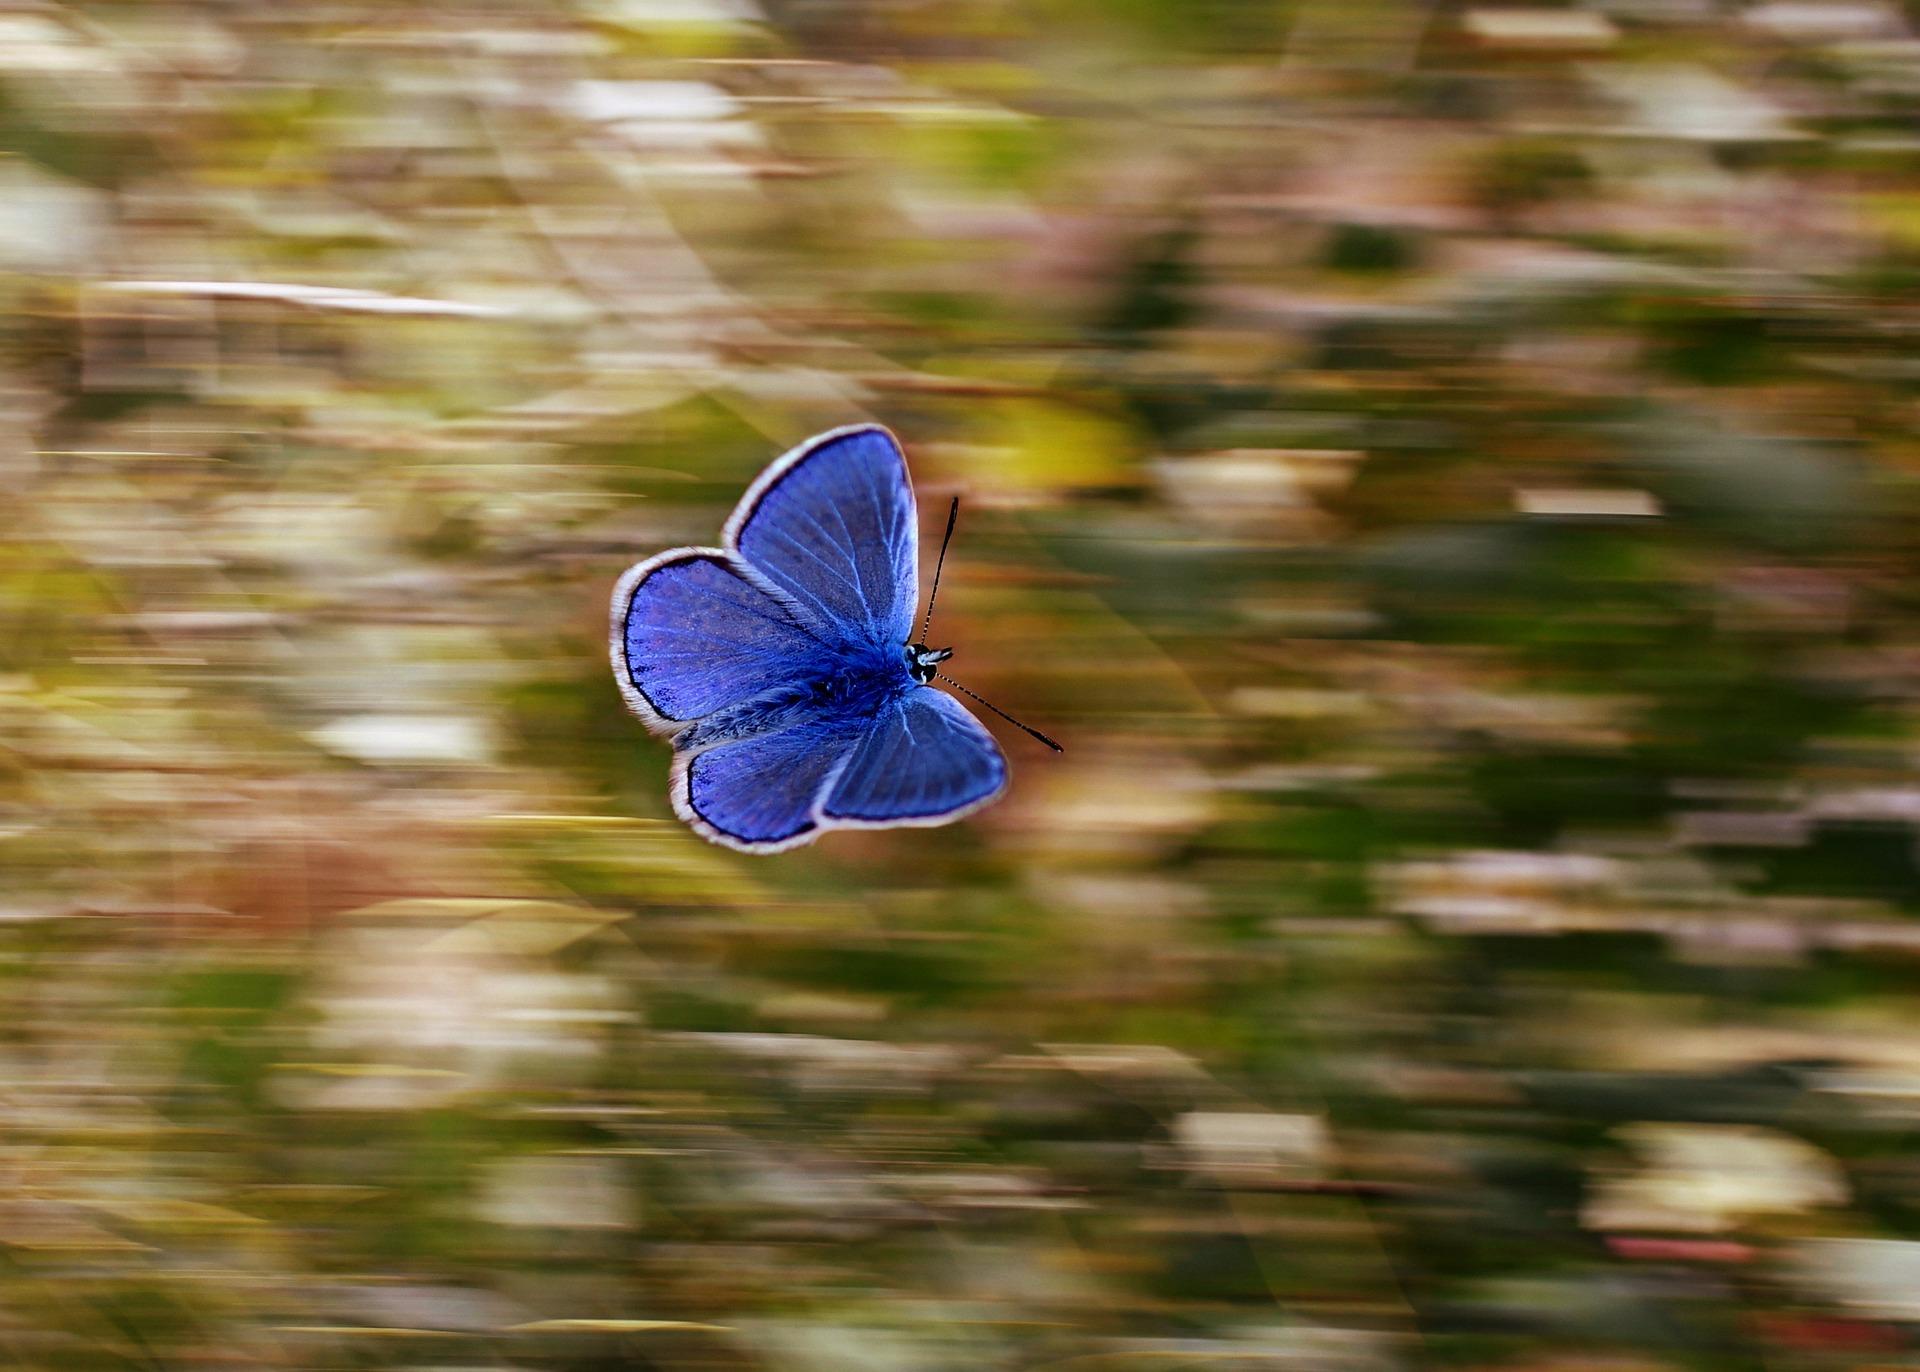 butterfly-2837589_1920.jpg